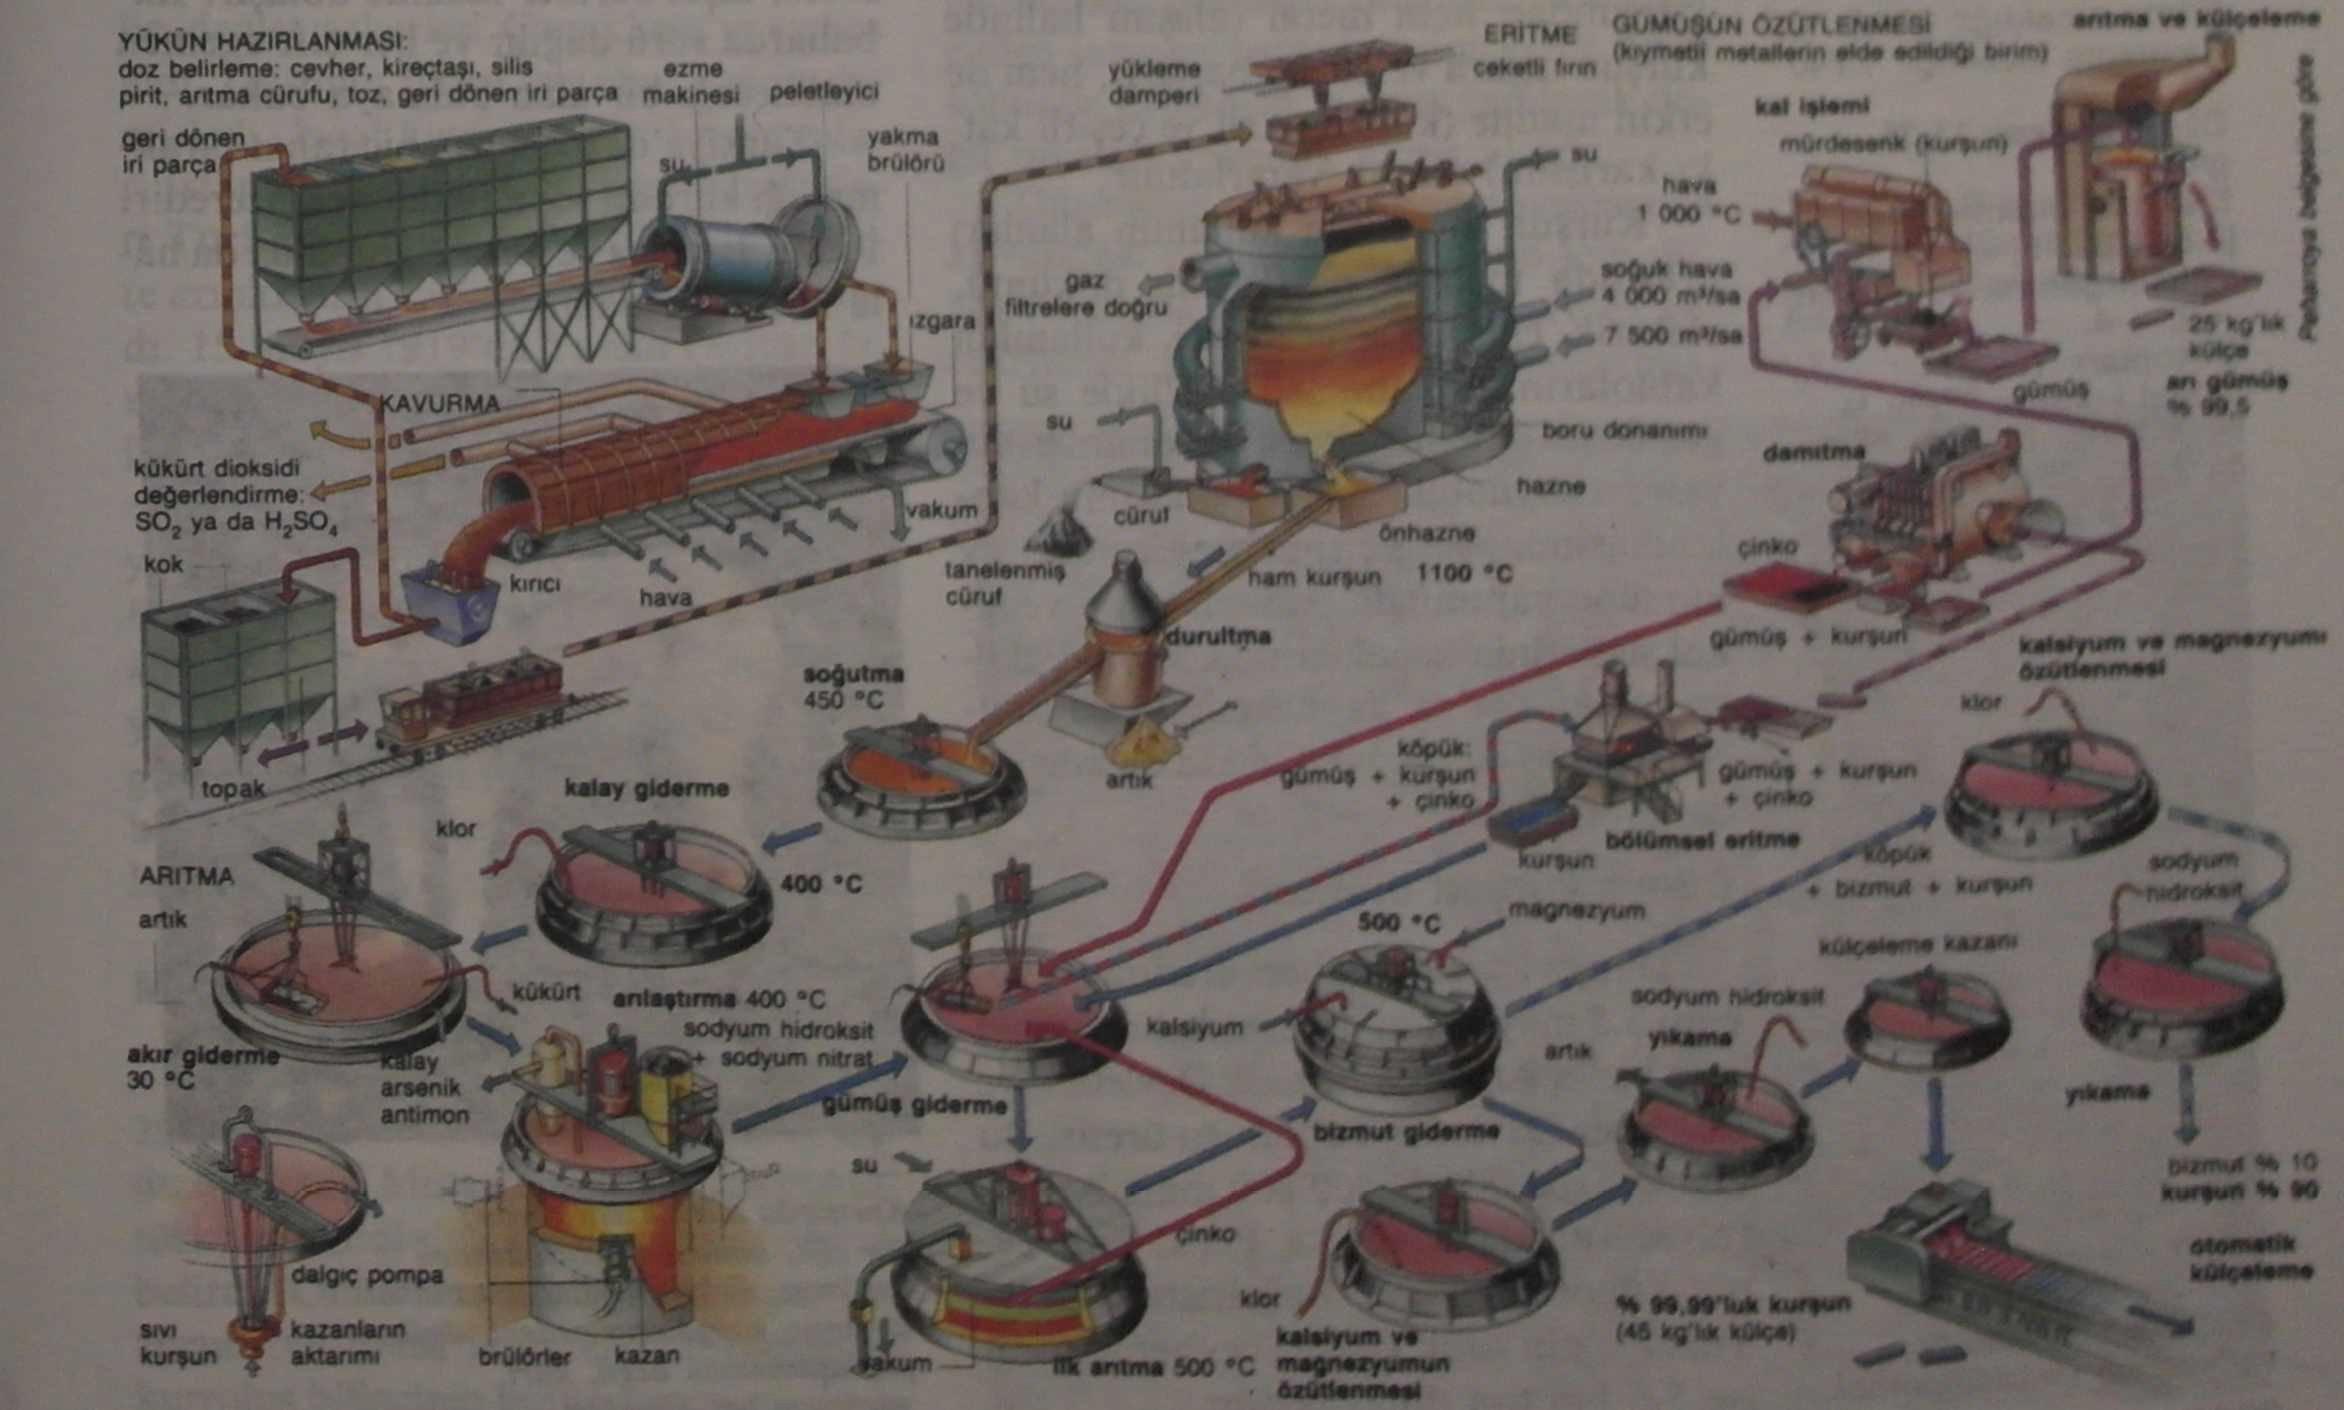 Kurşun Nedir? Özellikleri ve Kullanım Alanları 2 – kurşun üretim şeması